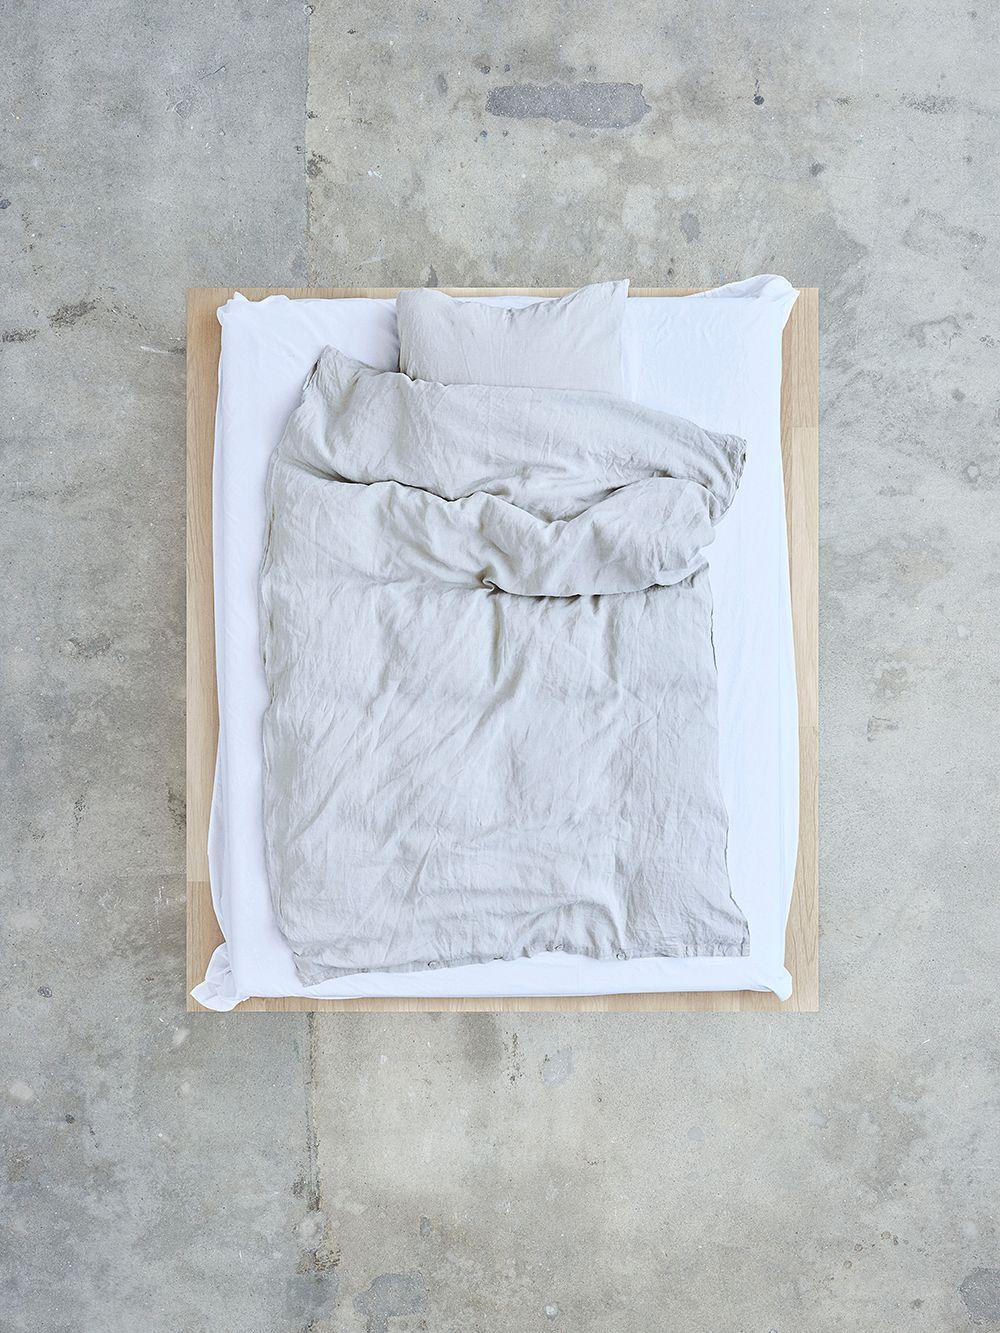 Teklan vaaleanharmaa pussilakana ja tyynyliina pedattuna sänkyyn.